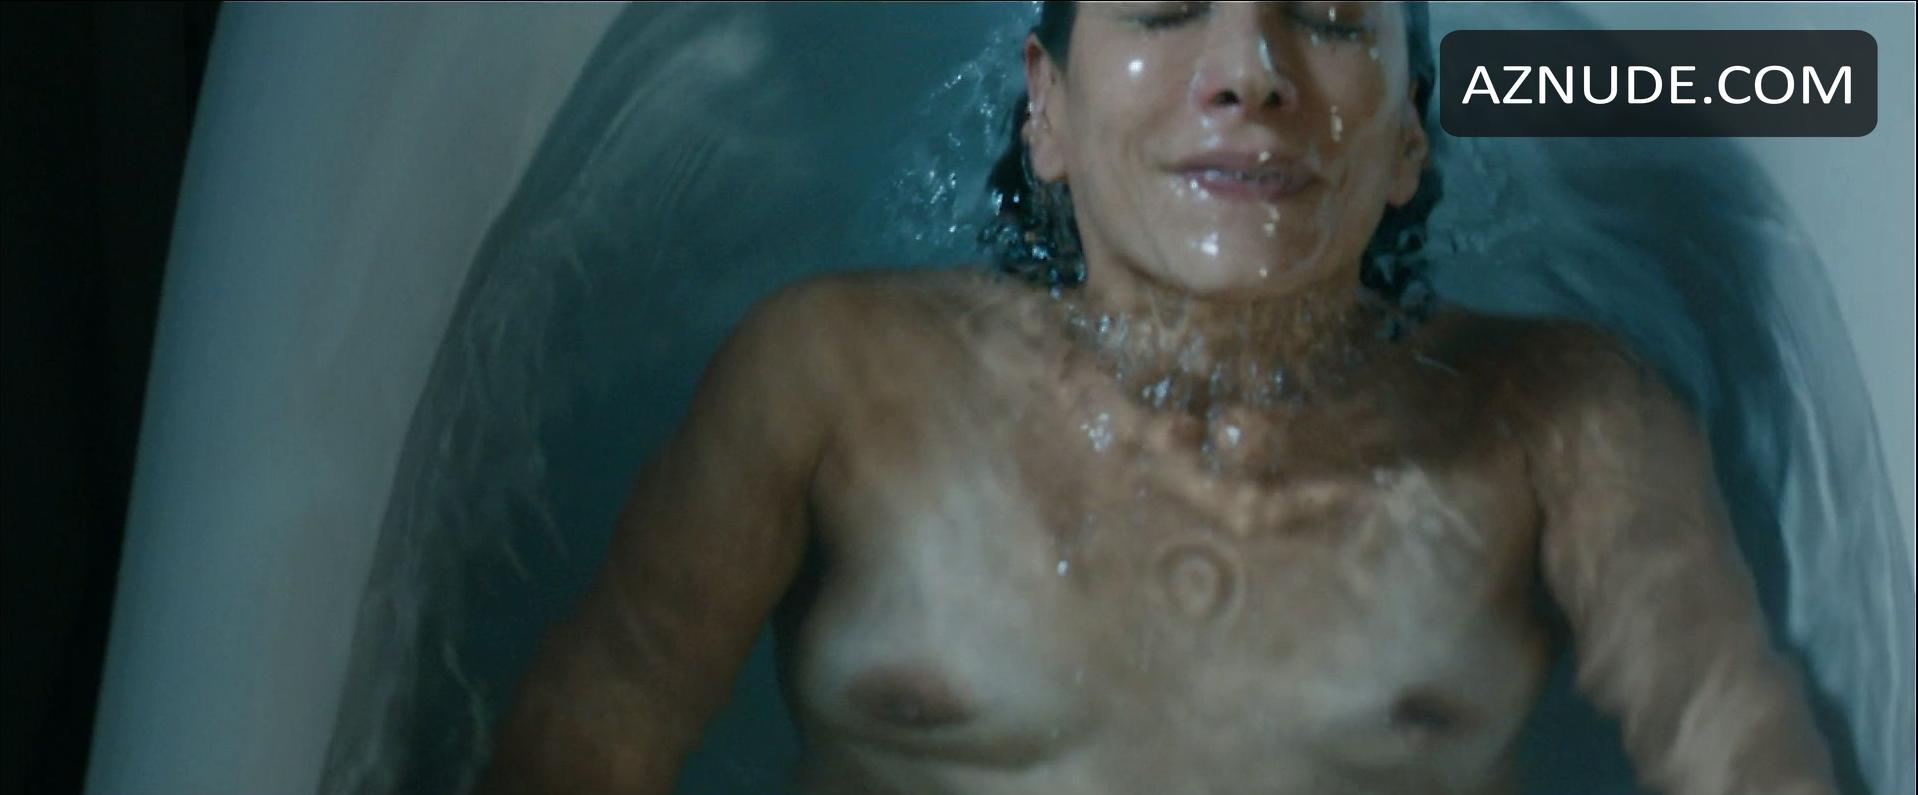 giant boob cum